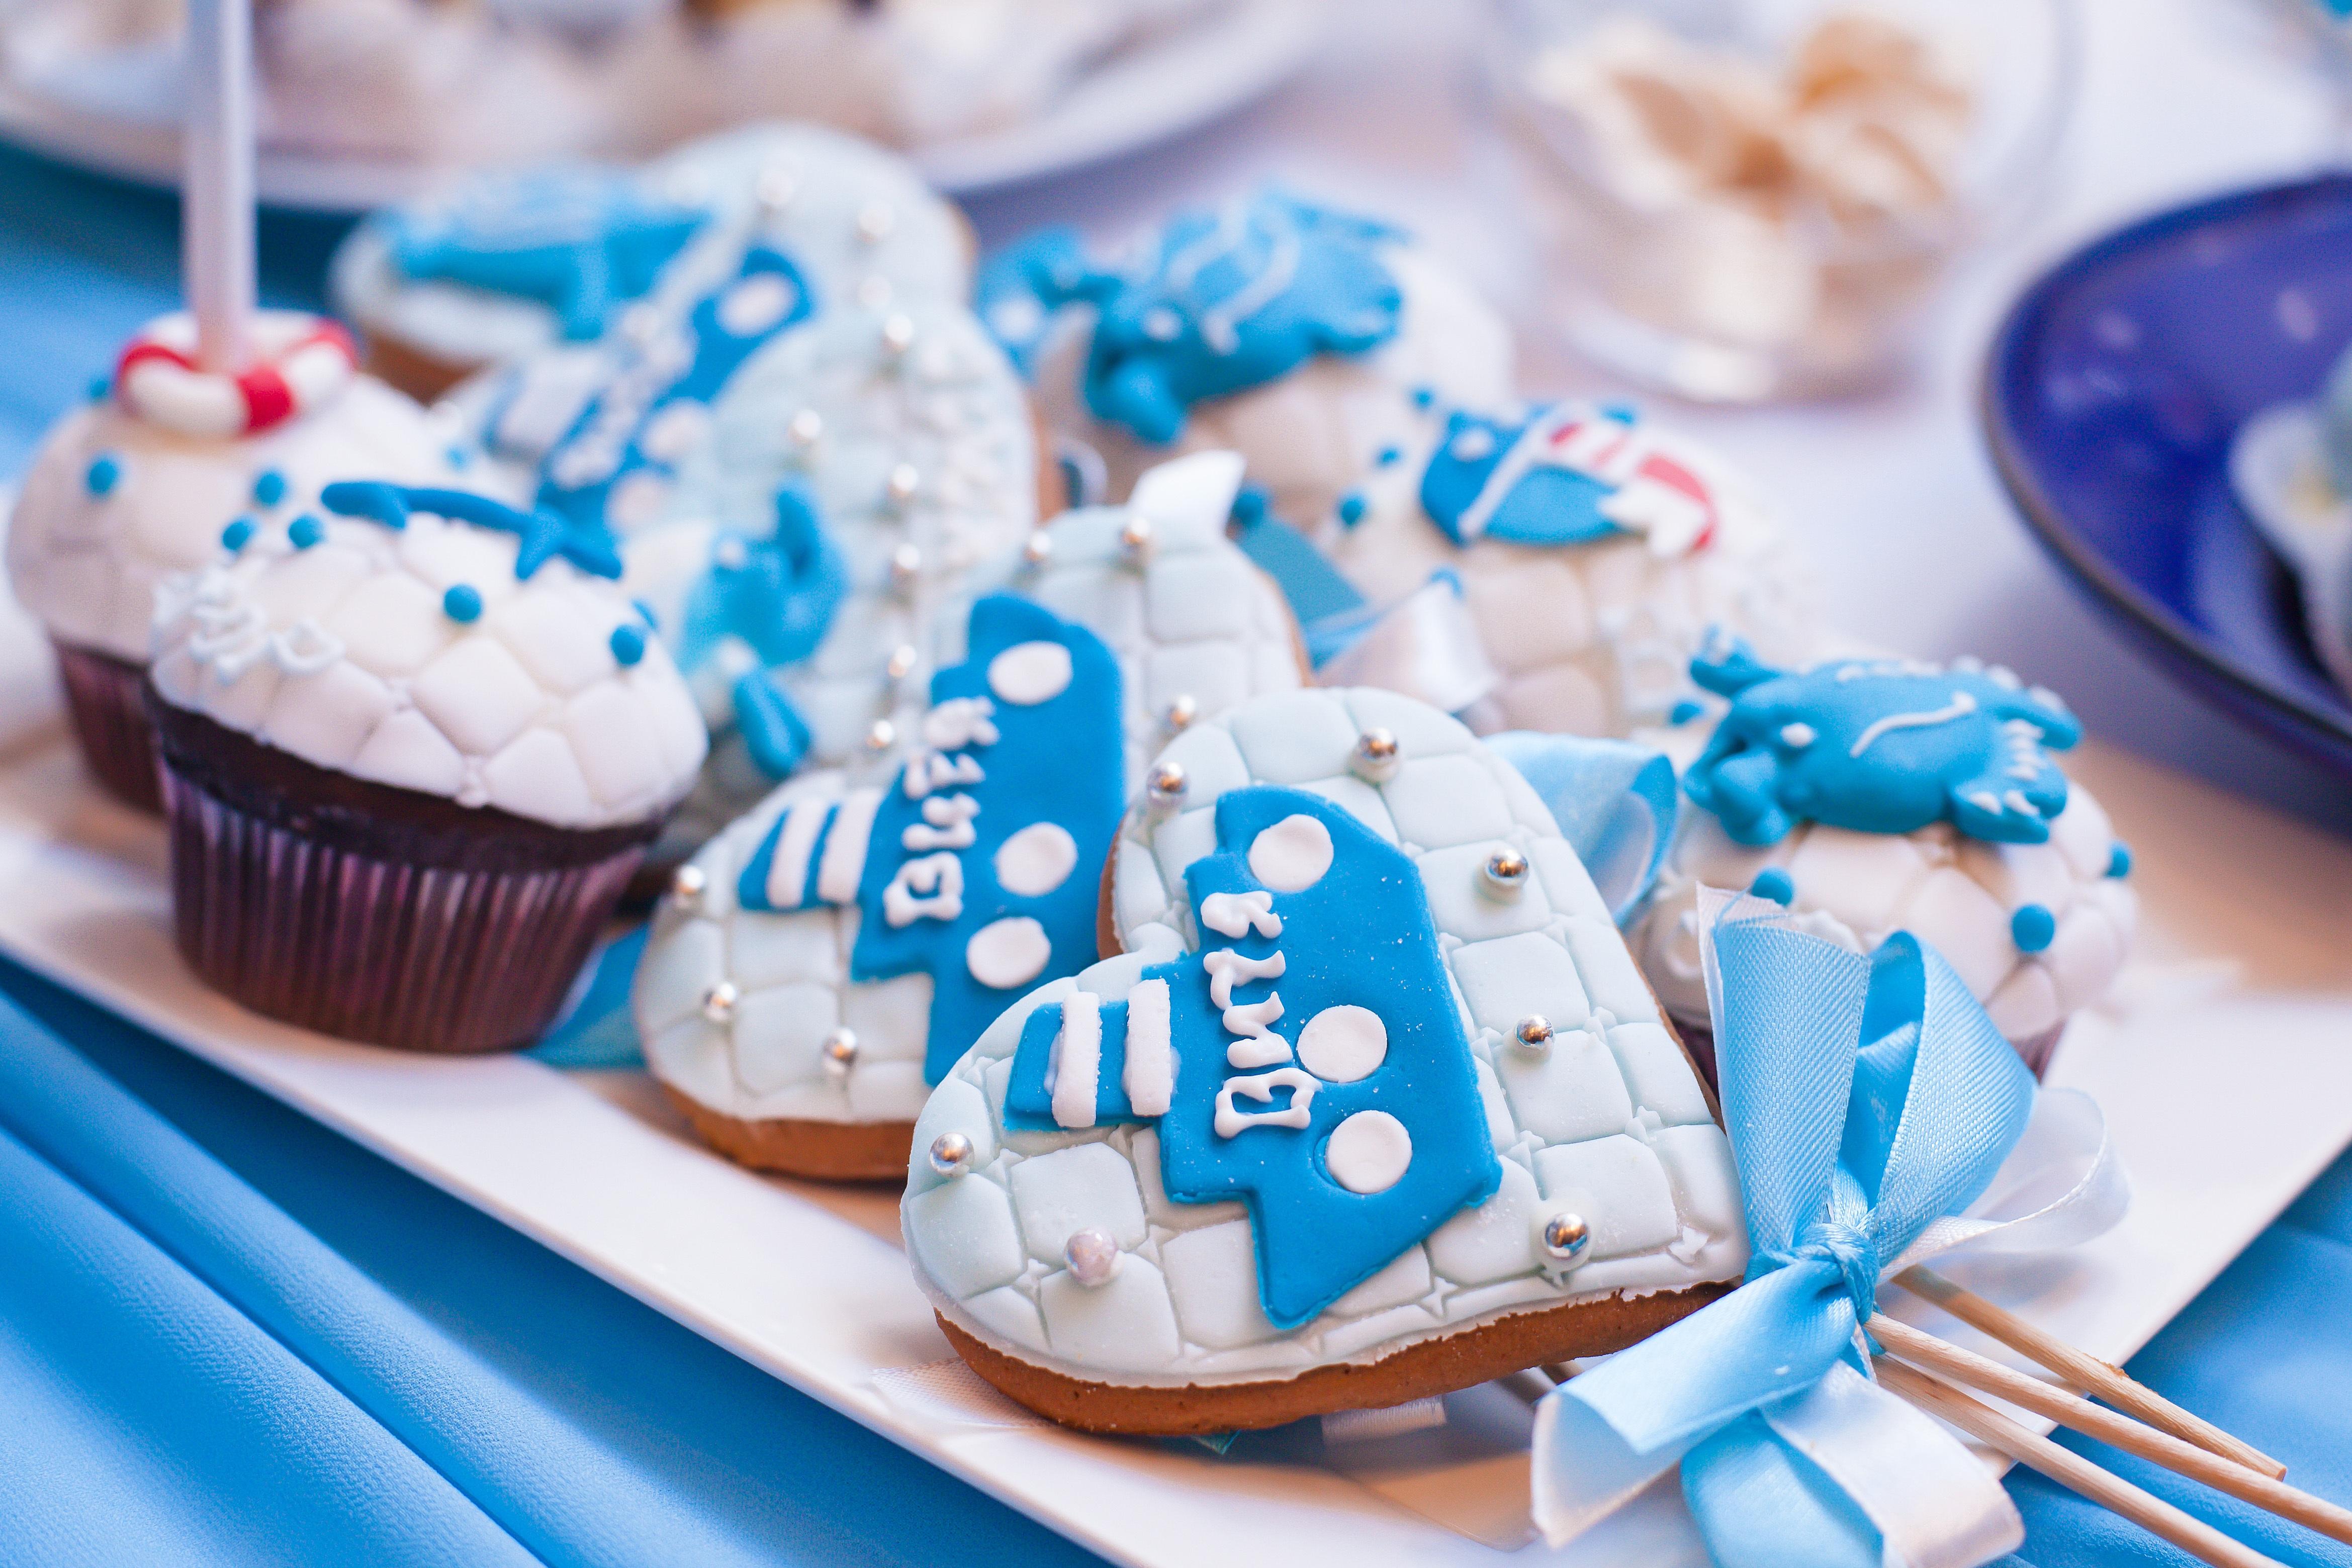 Free Images : sweet, dish, kitchen, blue, closeup, cupcake, baking ...